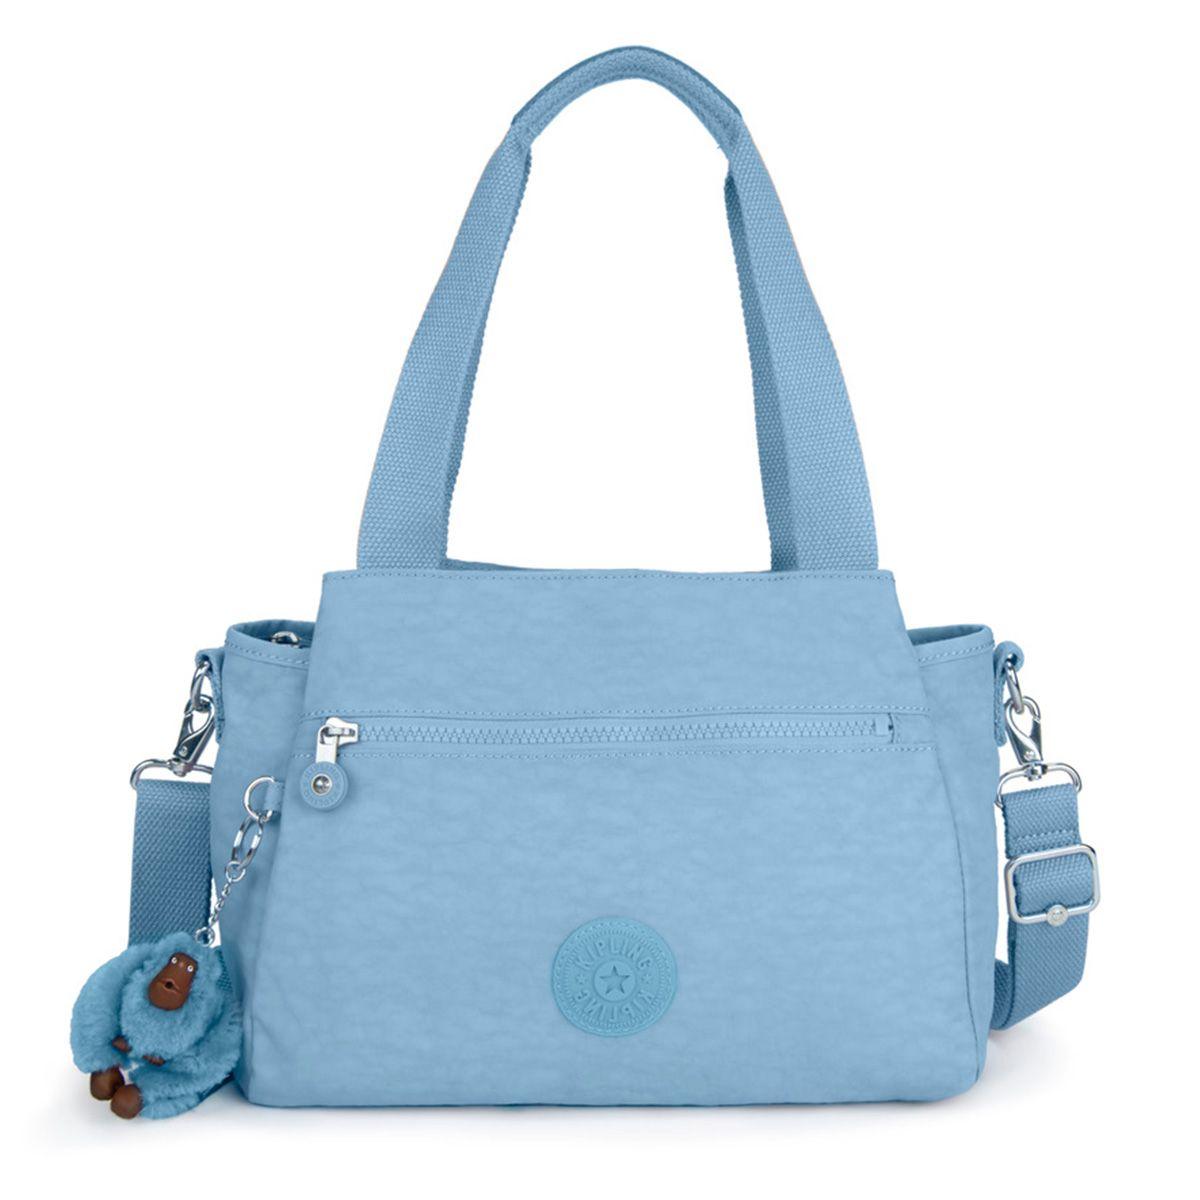 ea0ef6dd09d18 Kipling Handbags